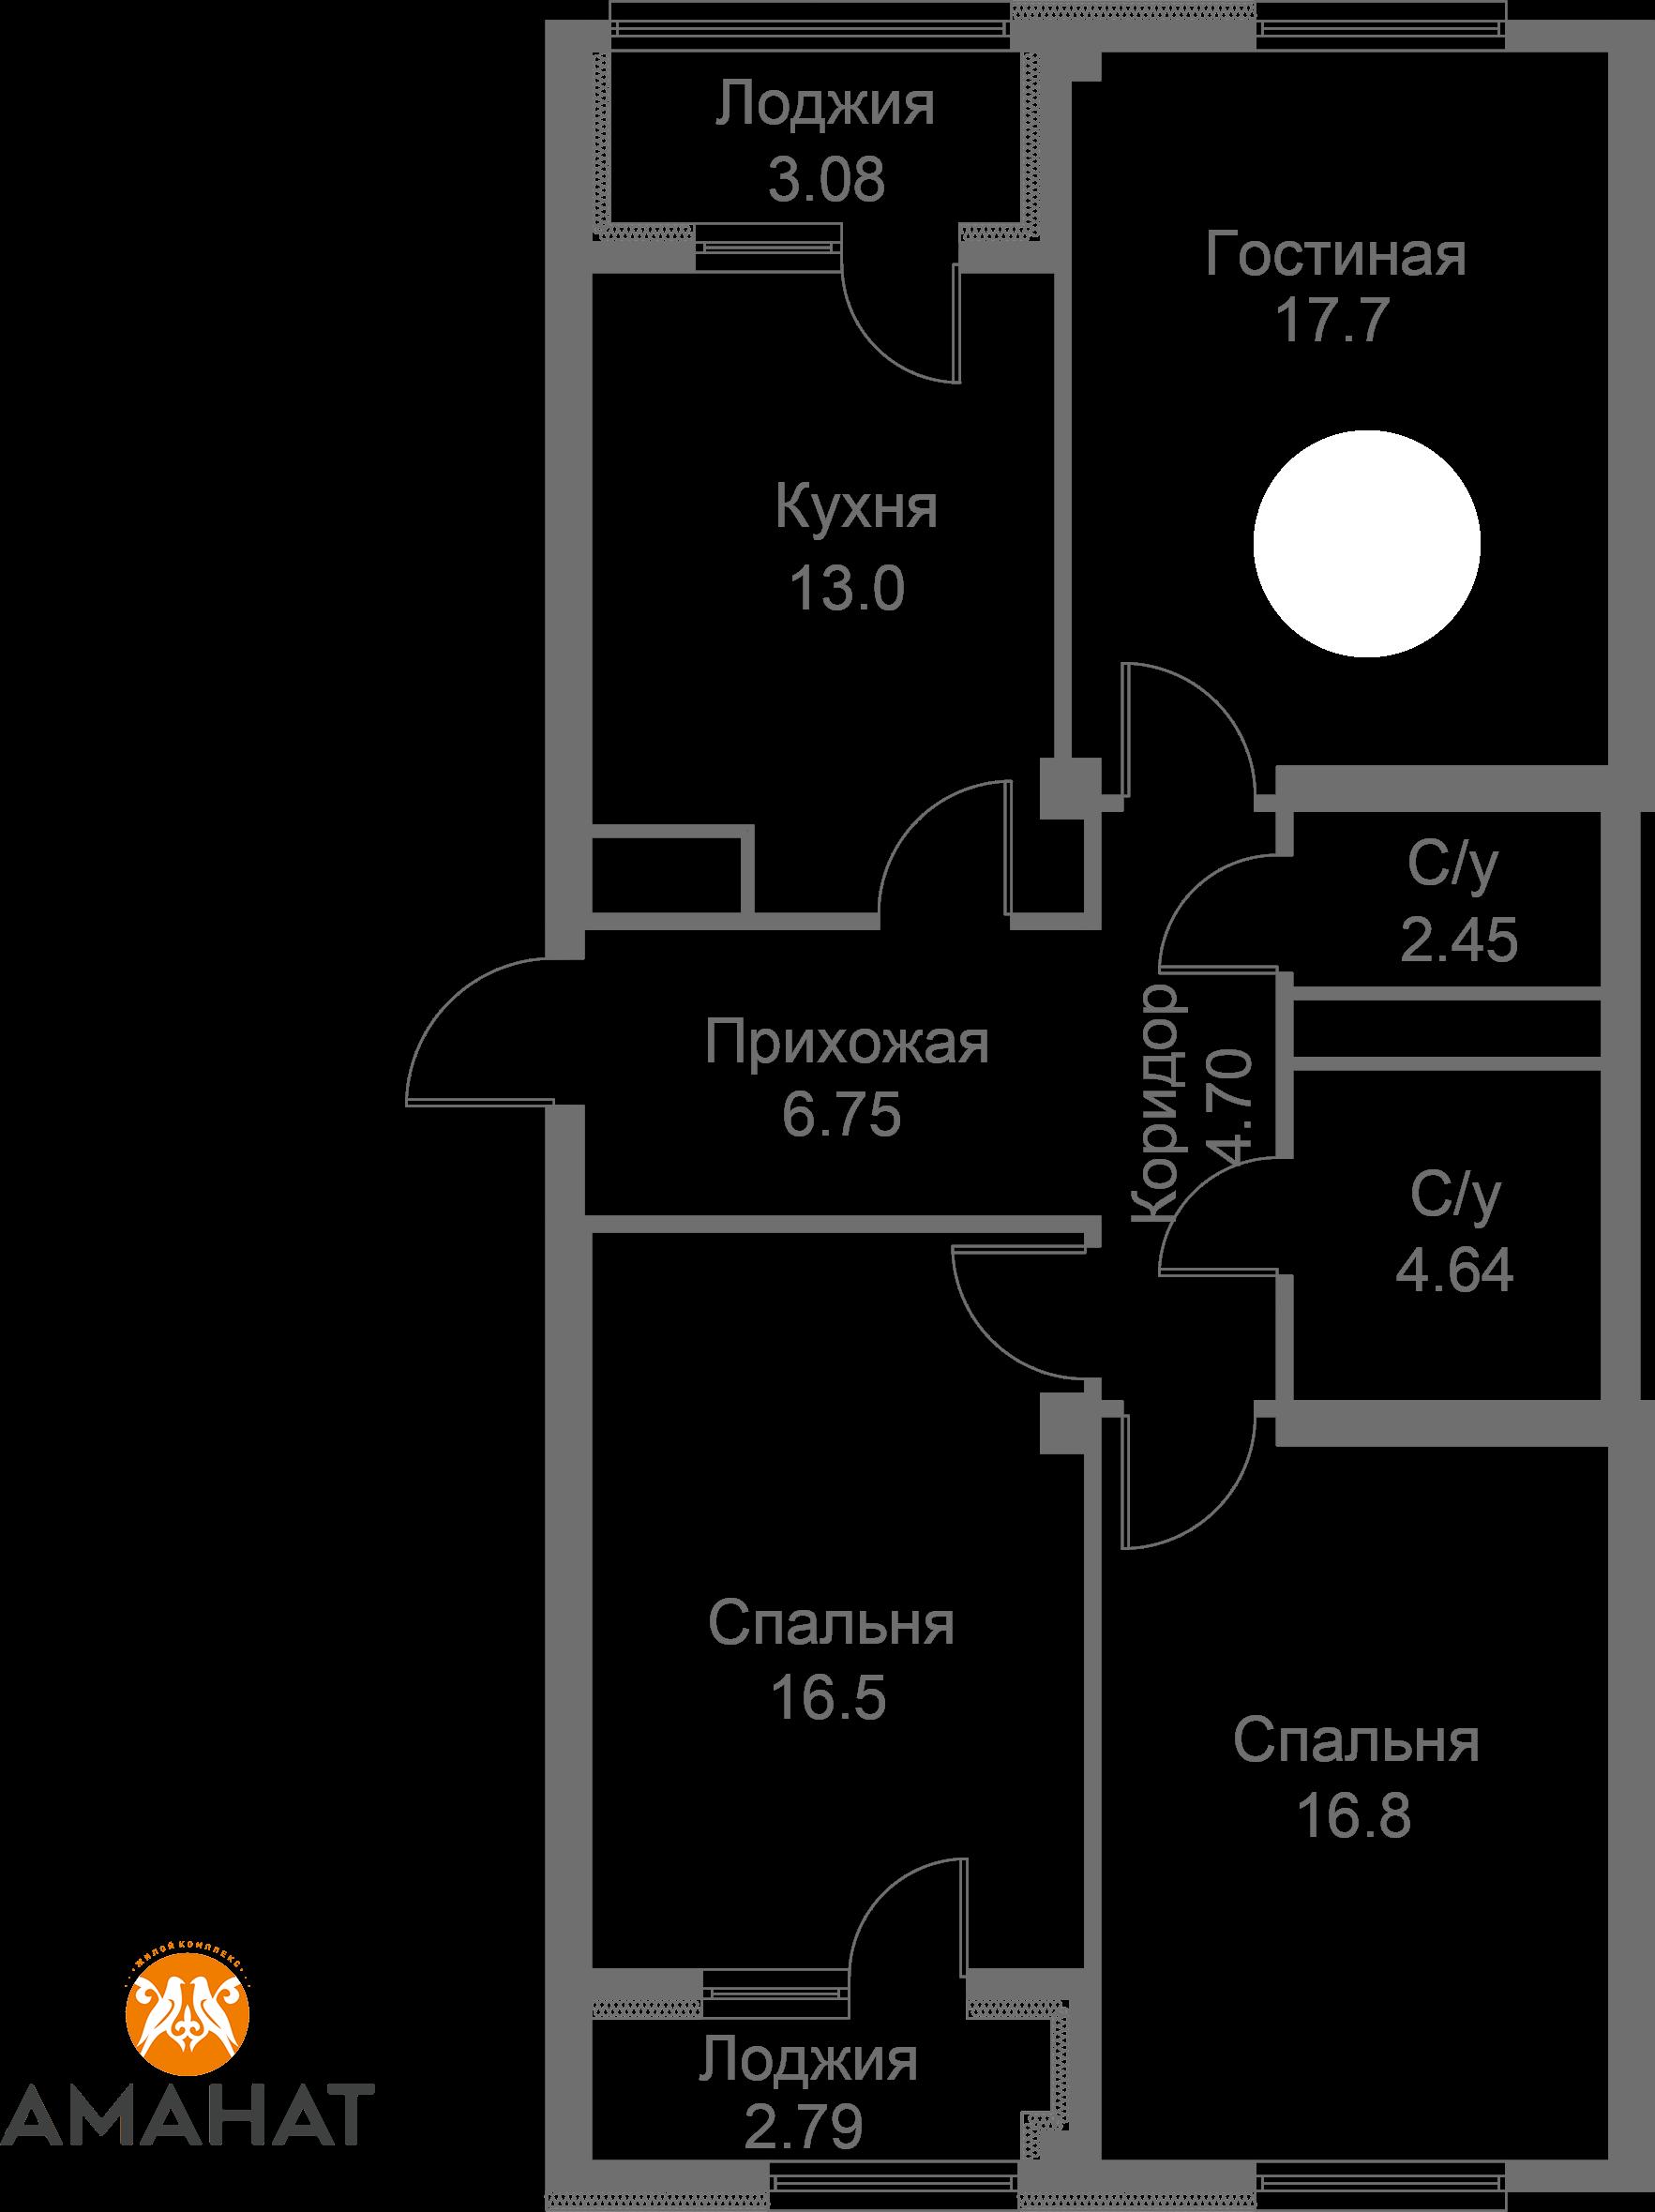 Квартира 171